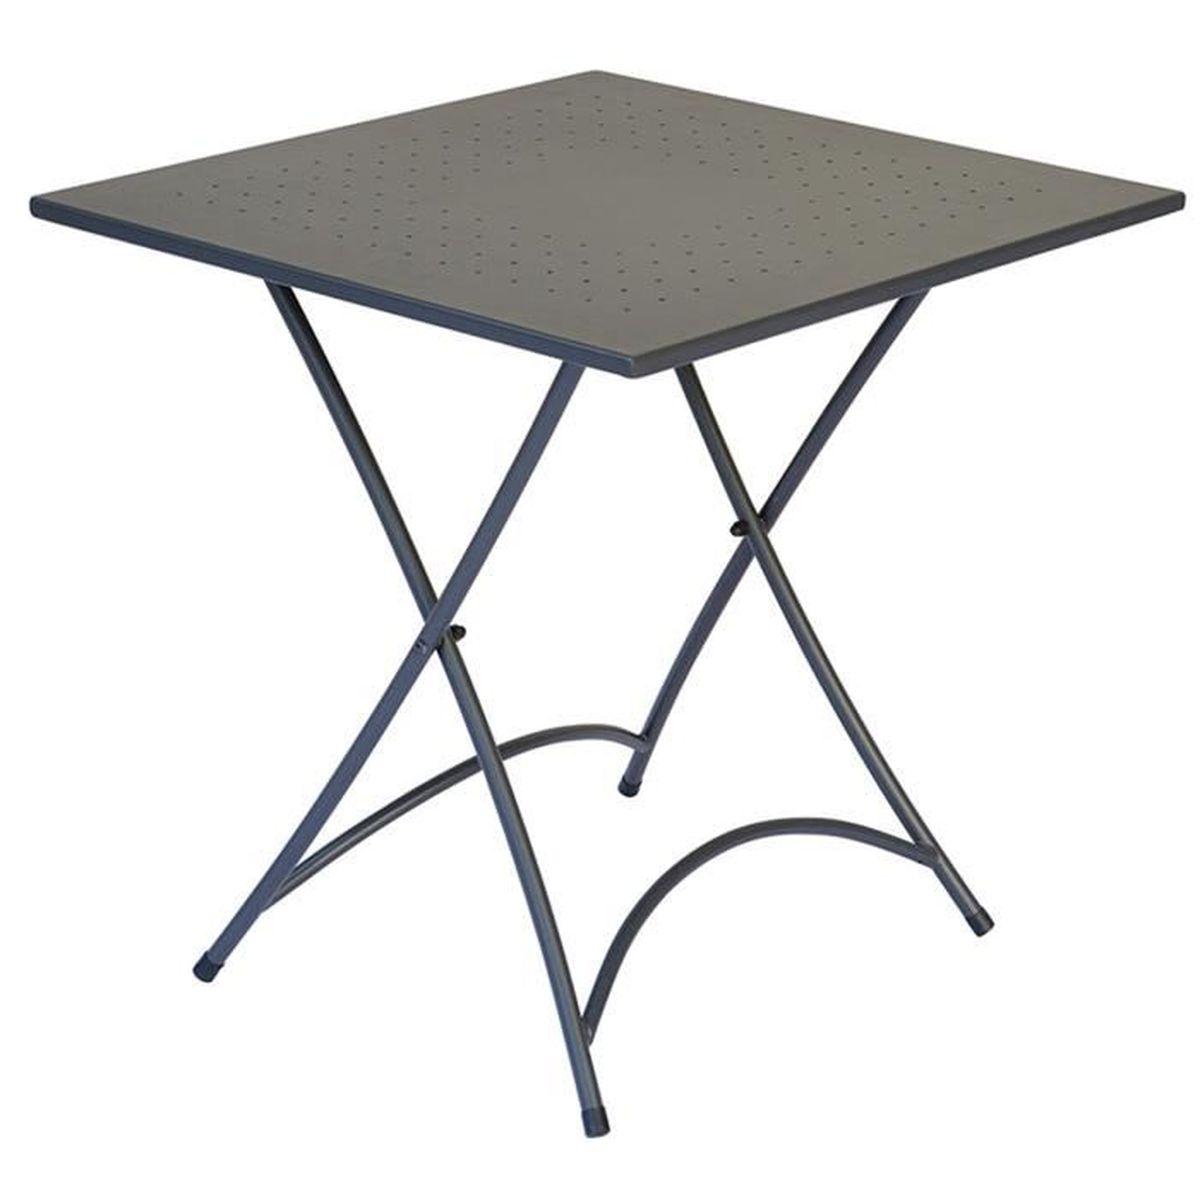 Table pliante en fer coloris gris 70 x 70 cm - A USAGE PROFESSIONNEL ...